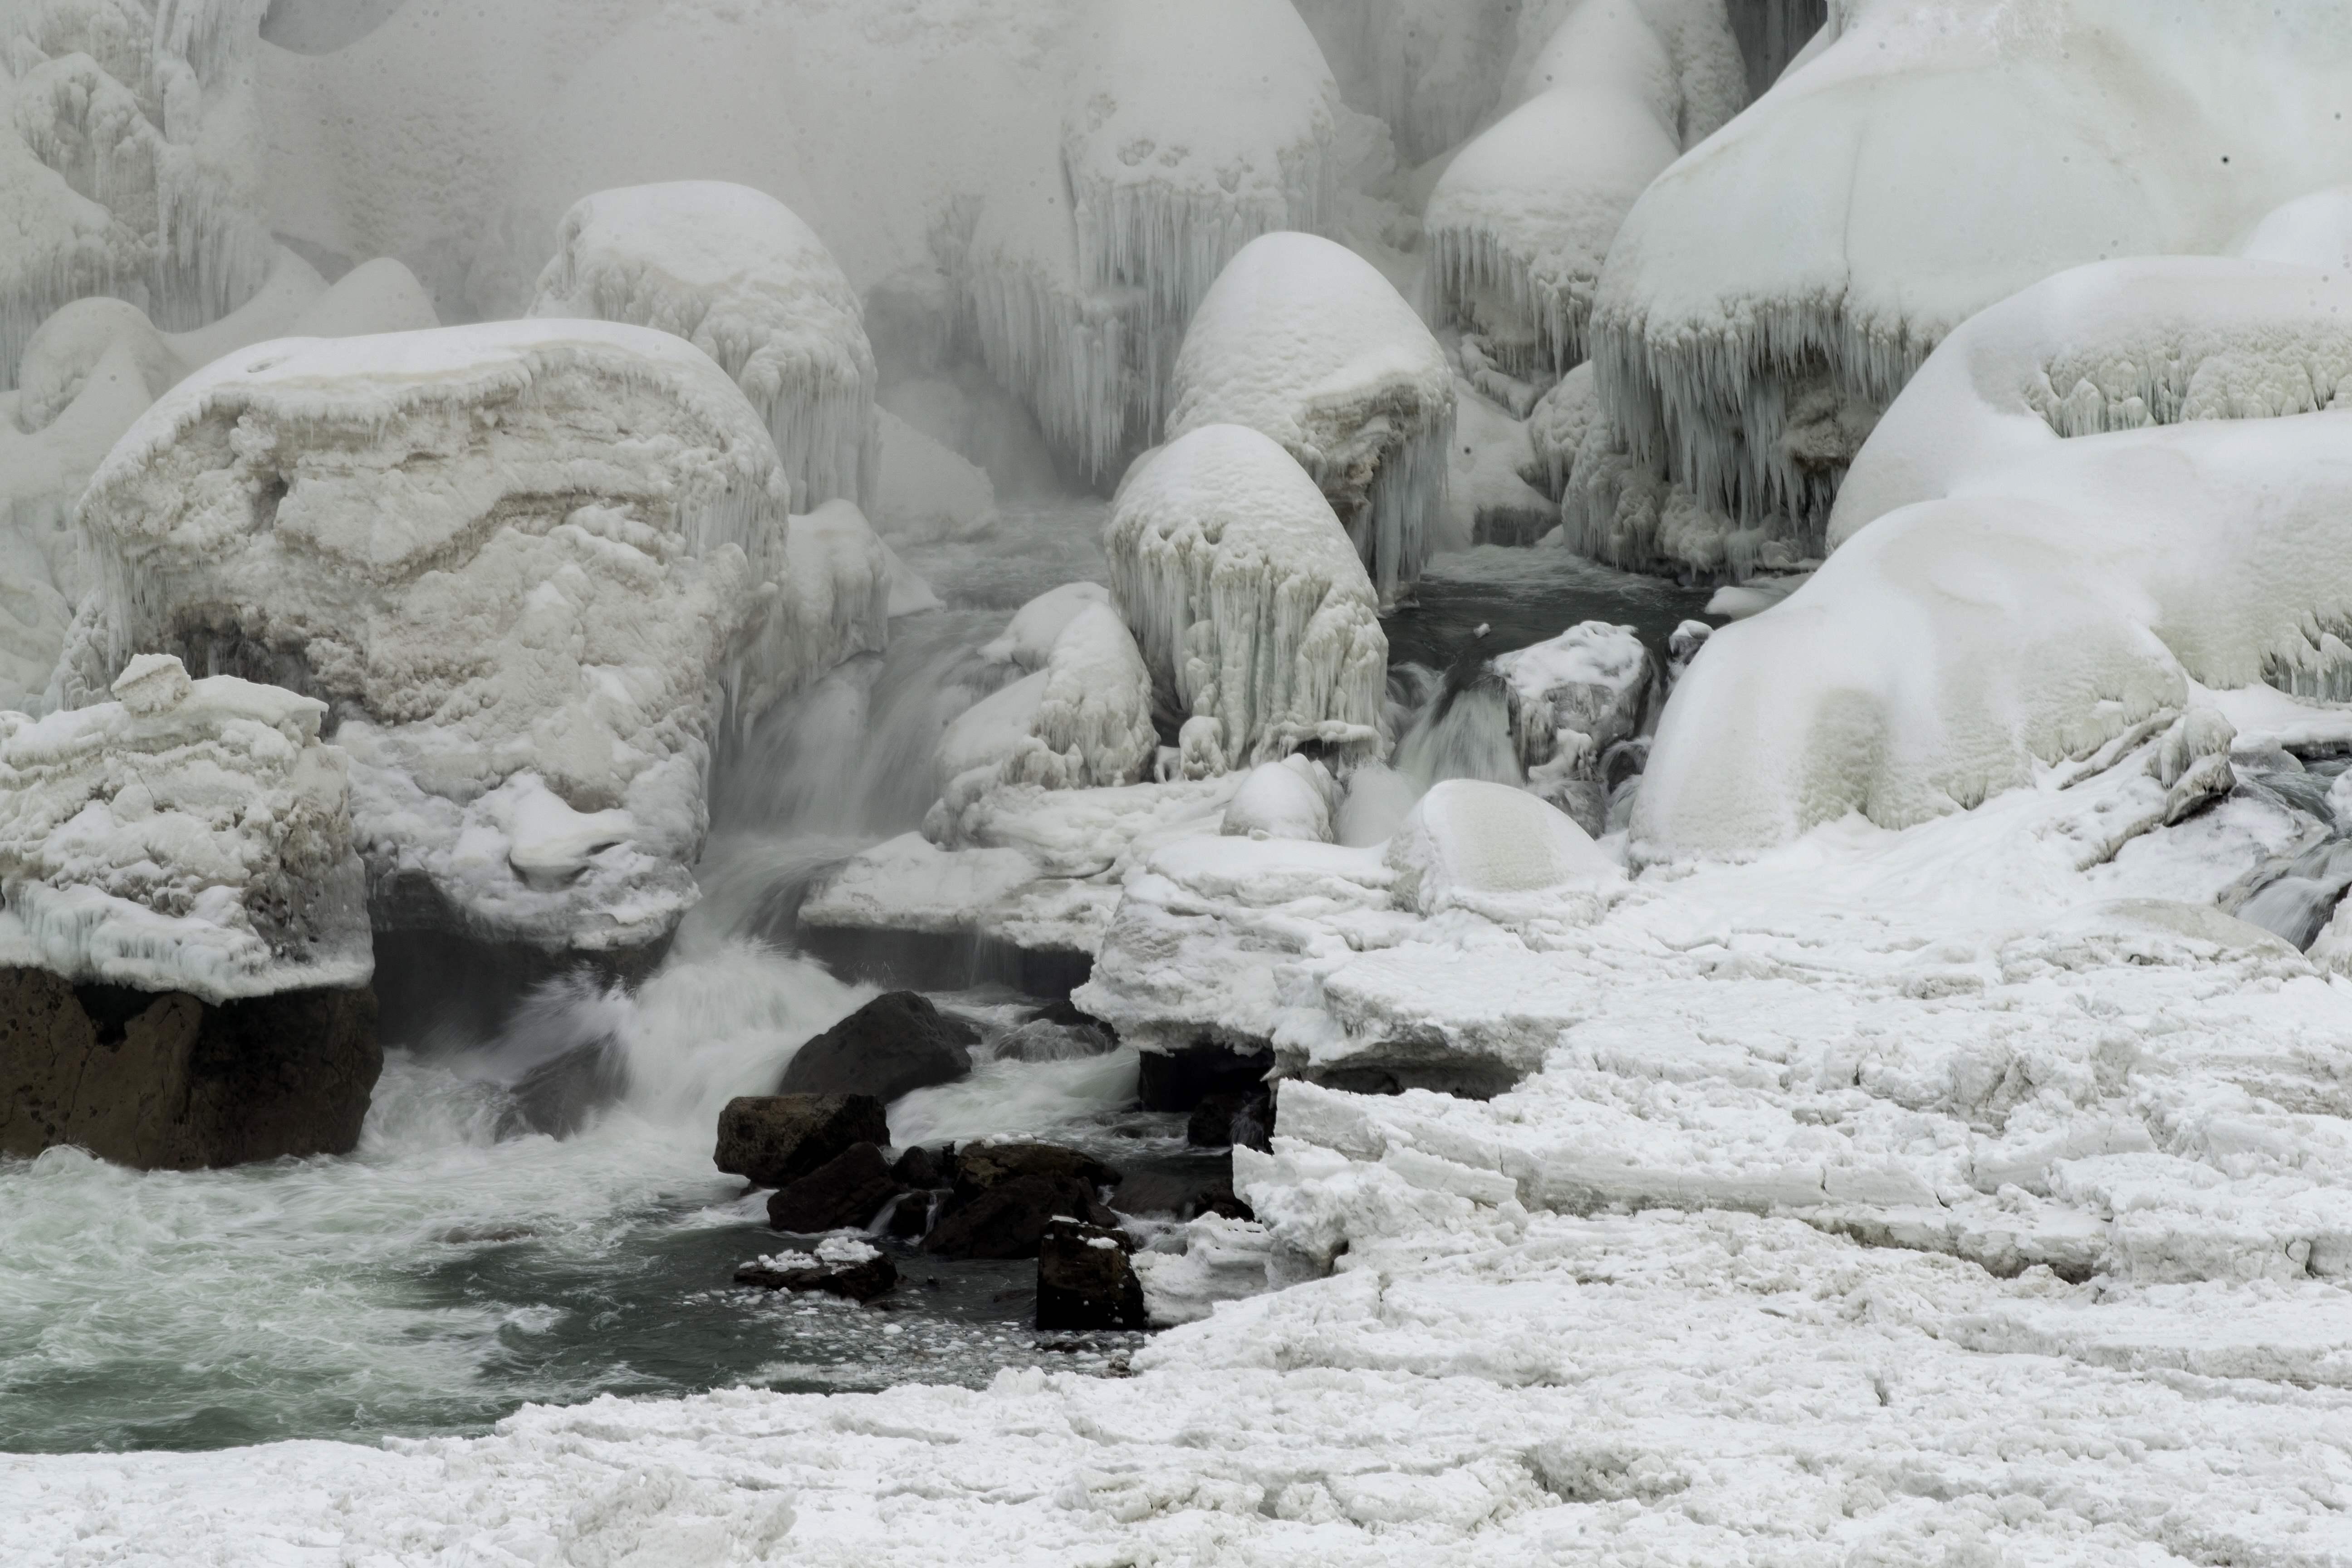 الجليد يكسو مياه شلالات نياجرا